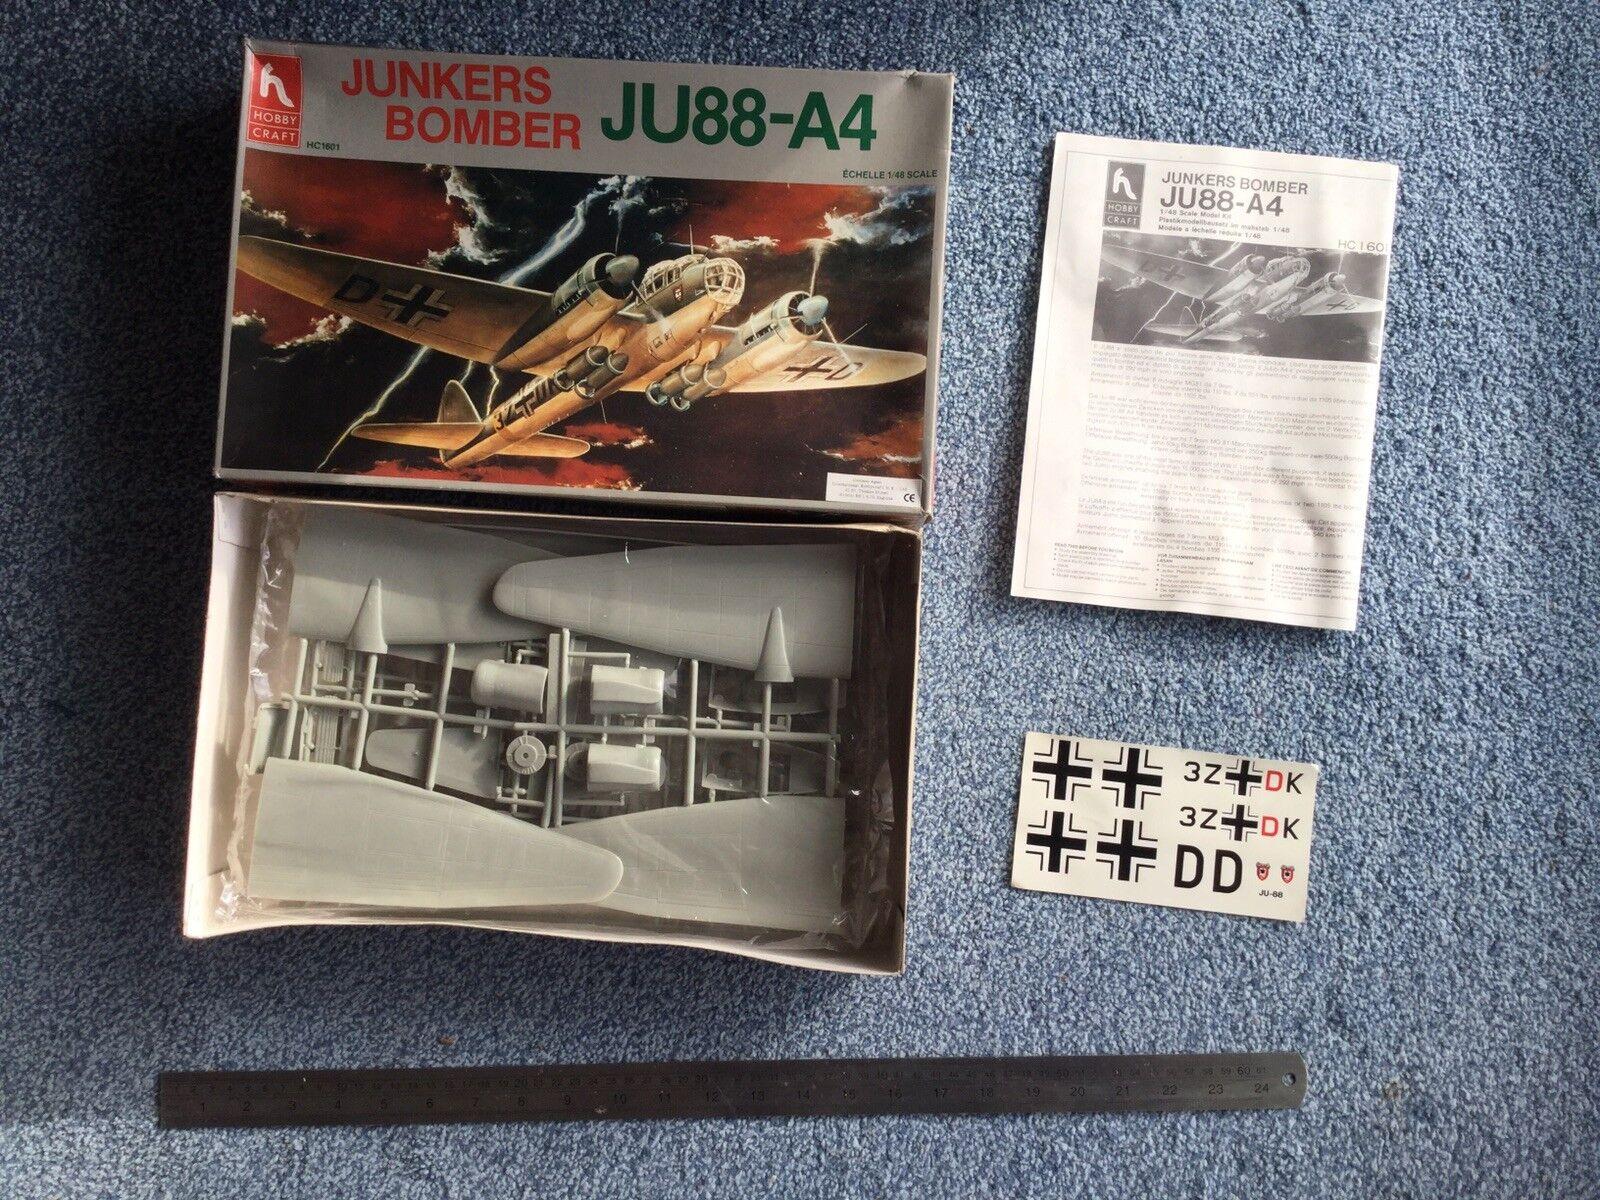 Hobby Craft 1 48 Junkers Bomber JU88-A4 model kit